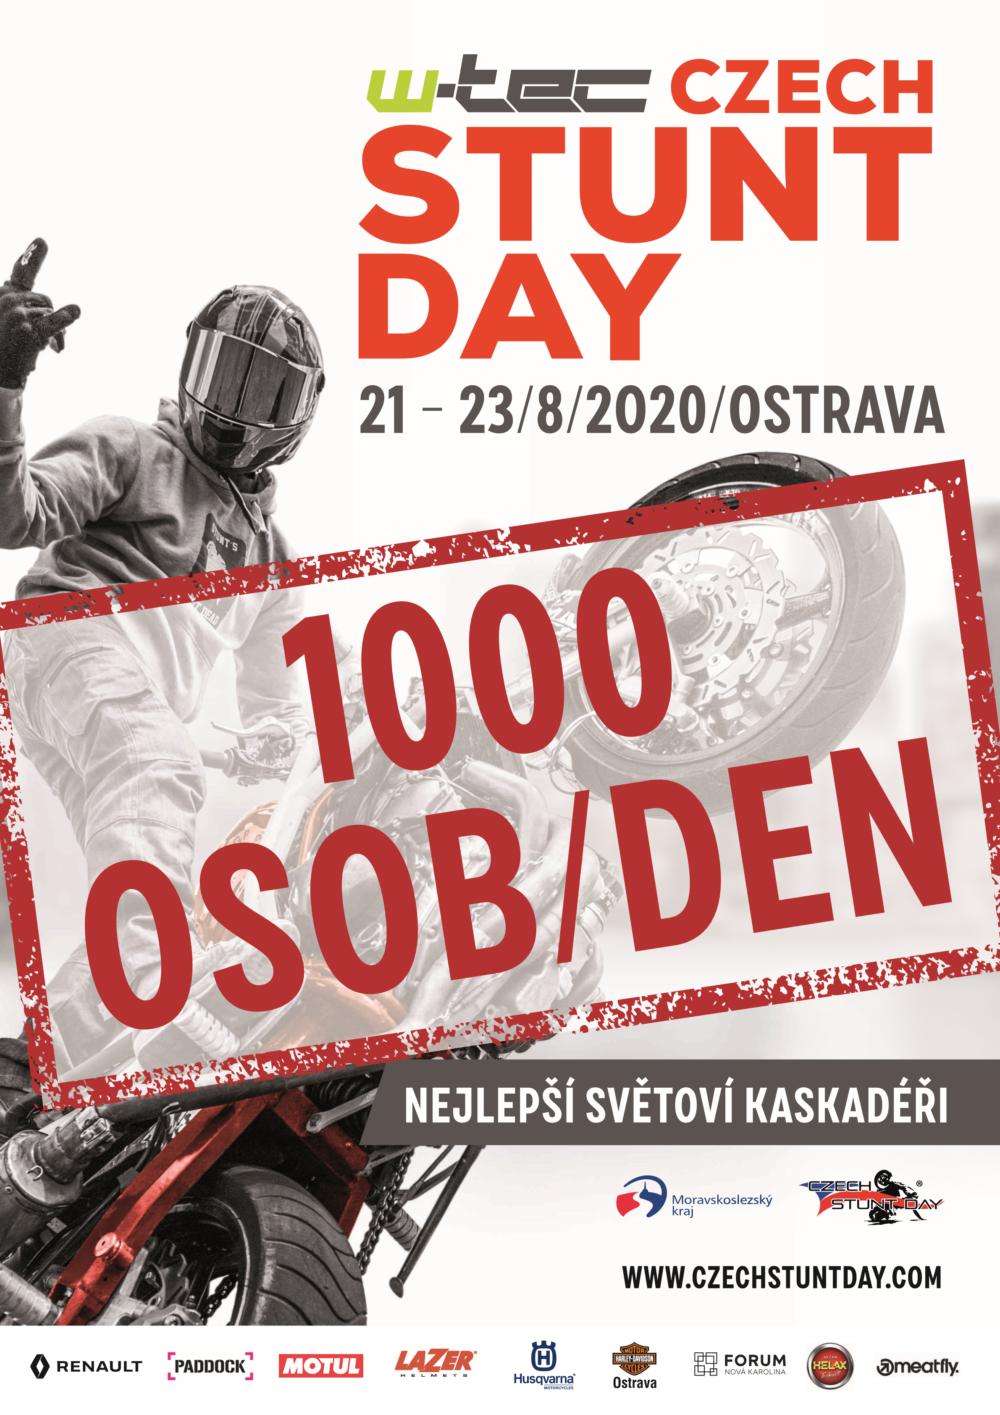 """<p>📣PROHLÁŠENÍ📣 Milí návštěvníci a věrní fanoušci, dle posledních zpráv bychom Vás rádi informovali o budoucnosti Czech Stunt Day 2020. """"Ministerstvo zdravotnictví nařizuje, že s účinností ode dne 27. července 2020 od 0:00 hod., do odvolání tohoto mimořádného opatření se zakazují nebo omezují divadelní, hudební, filmová a další umělecká představení, sportovní, […]</p>"""